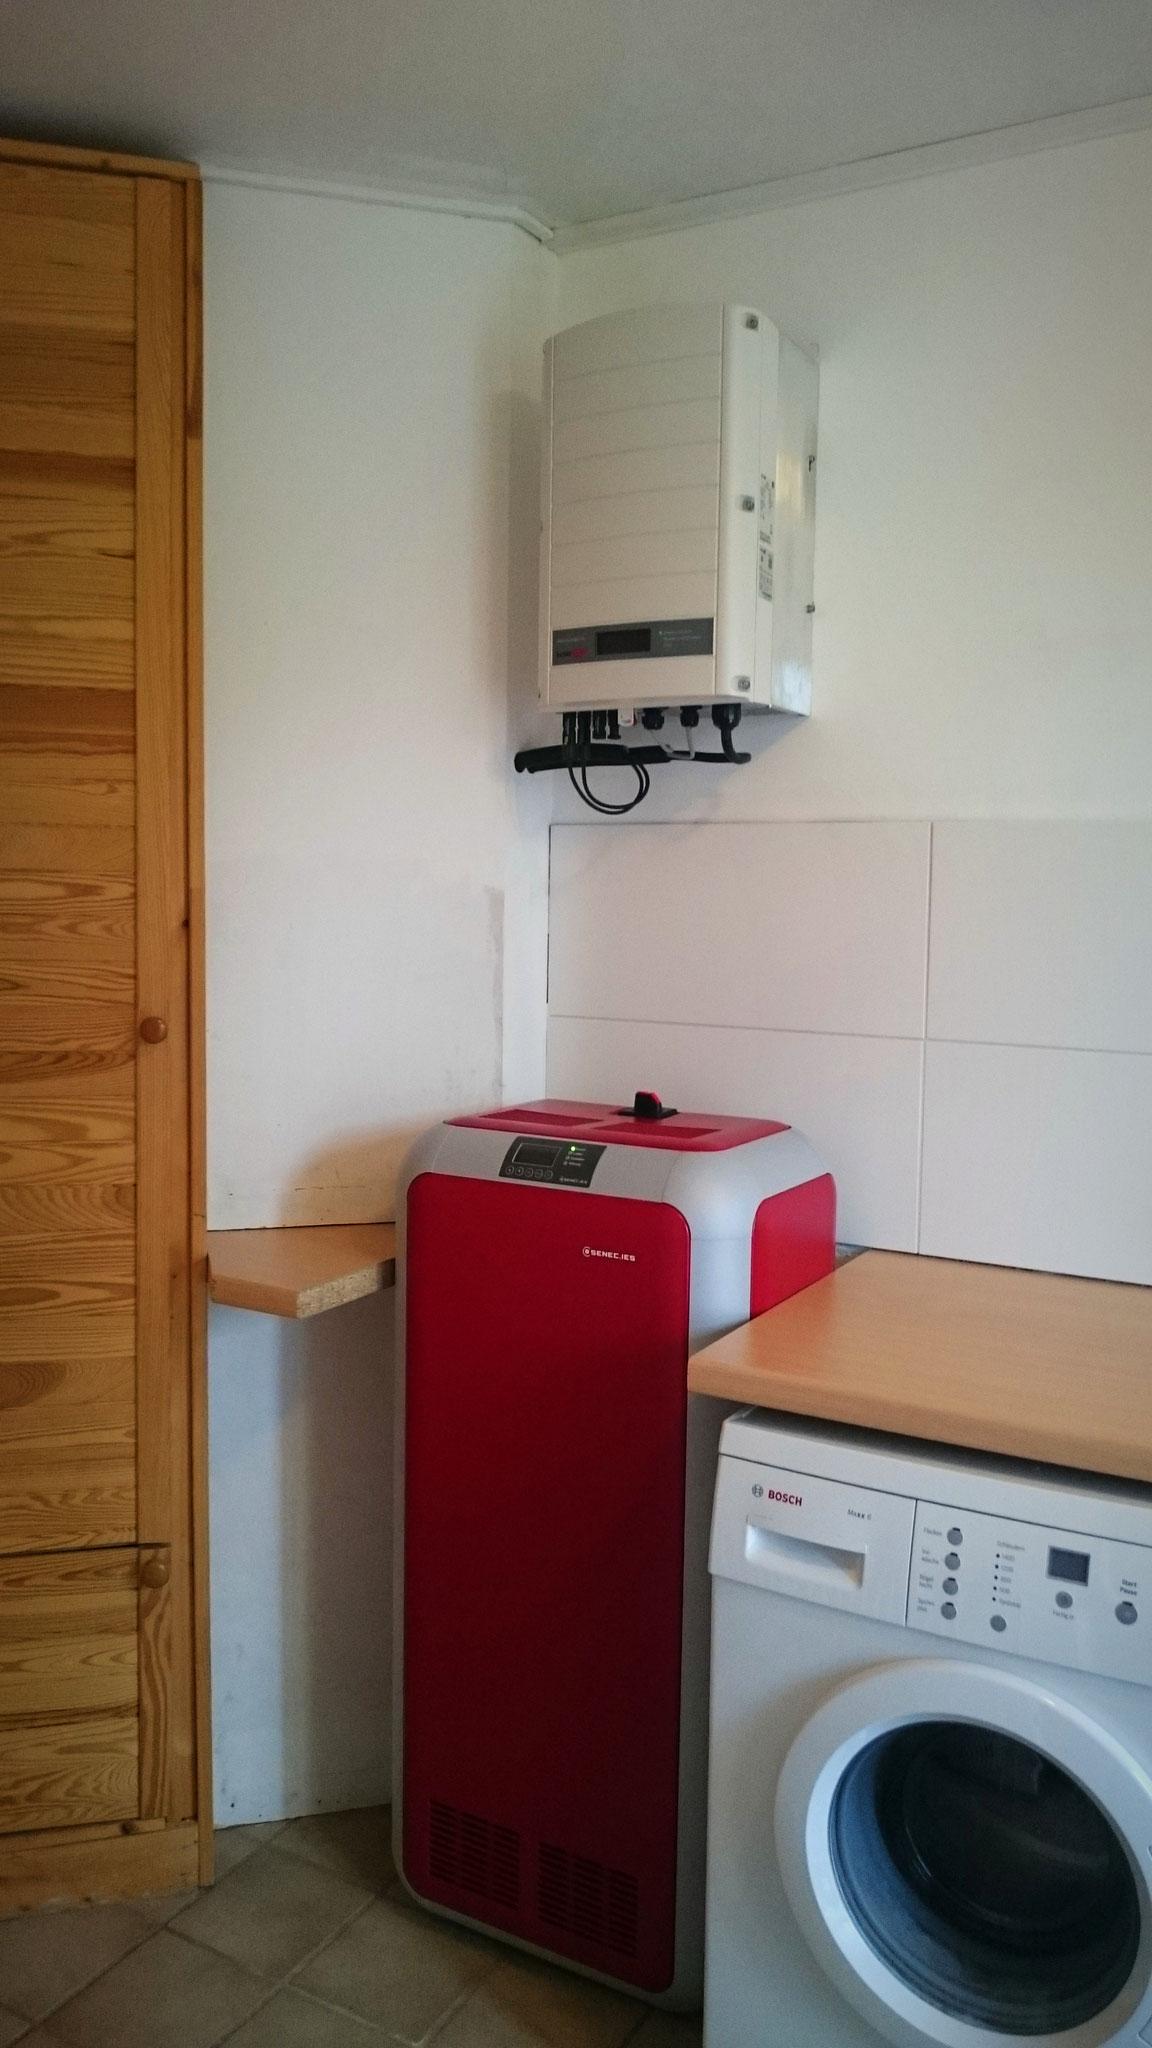 7,5 kW Li Senec Speicher inkl. SENEC.CLOUD 2.0 in Stralsund